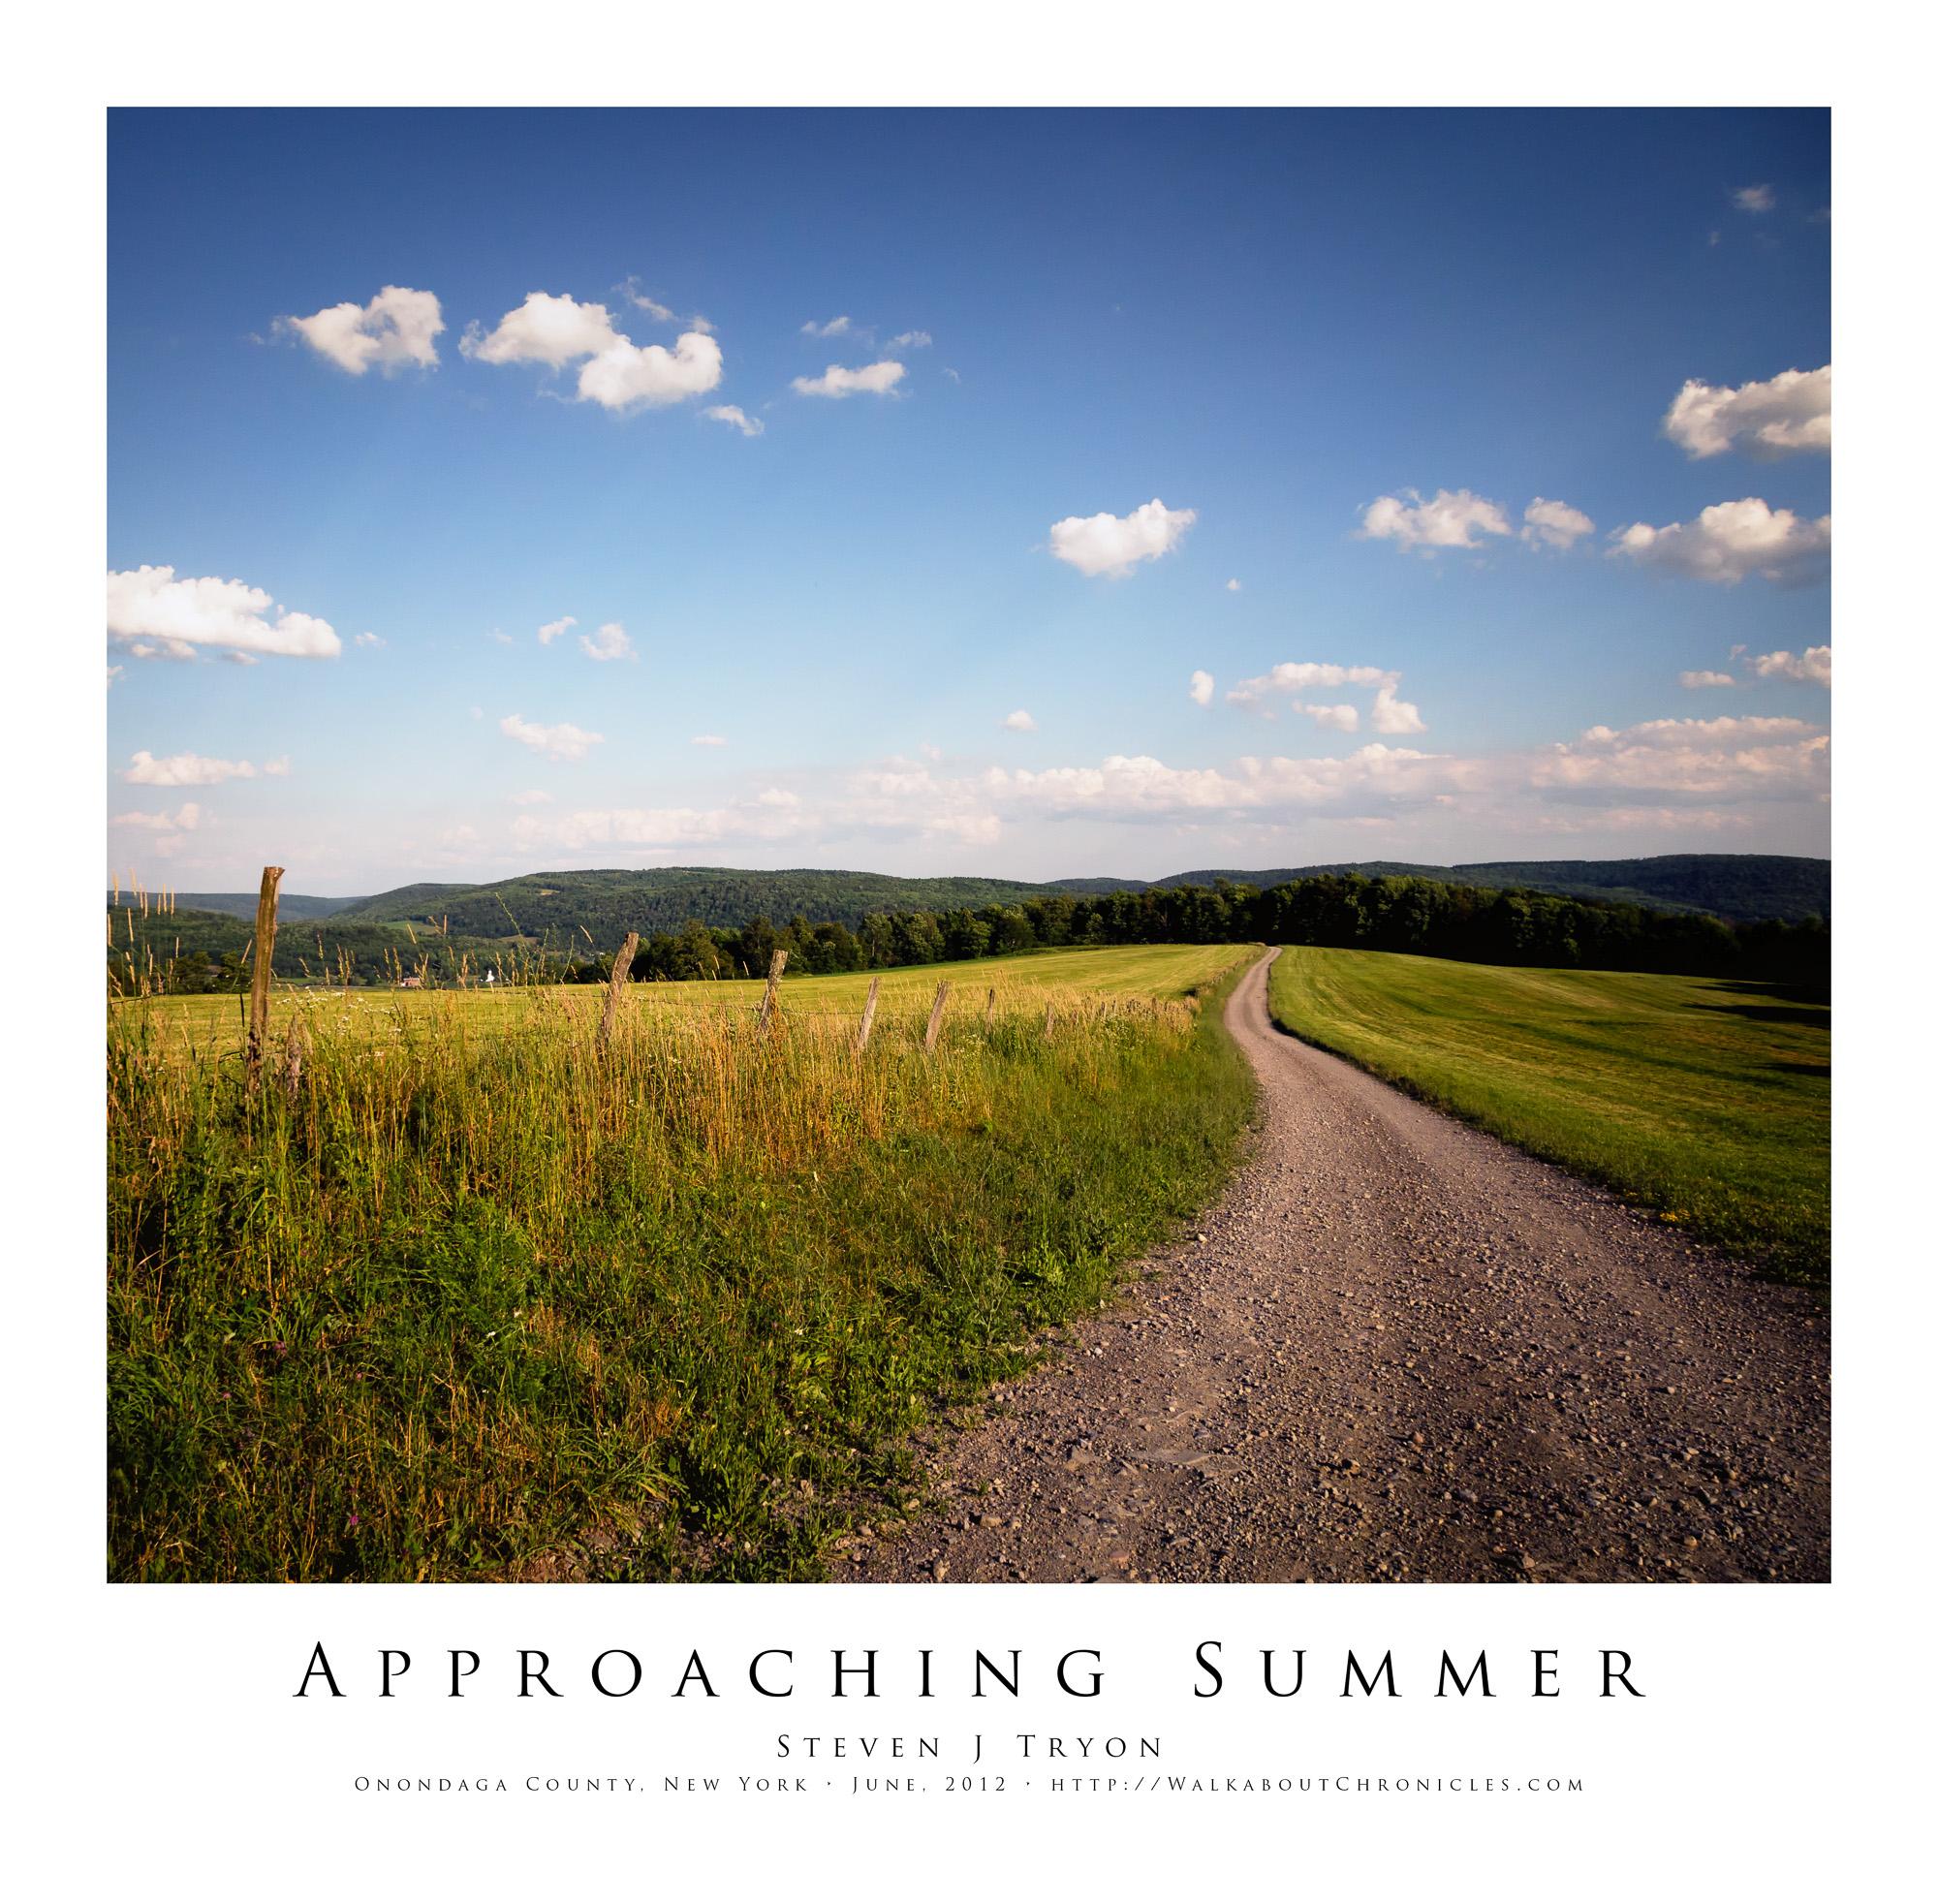 Approaching Summer